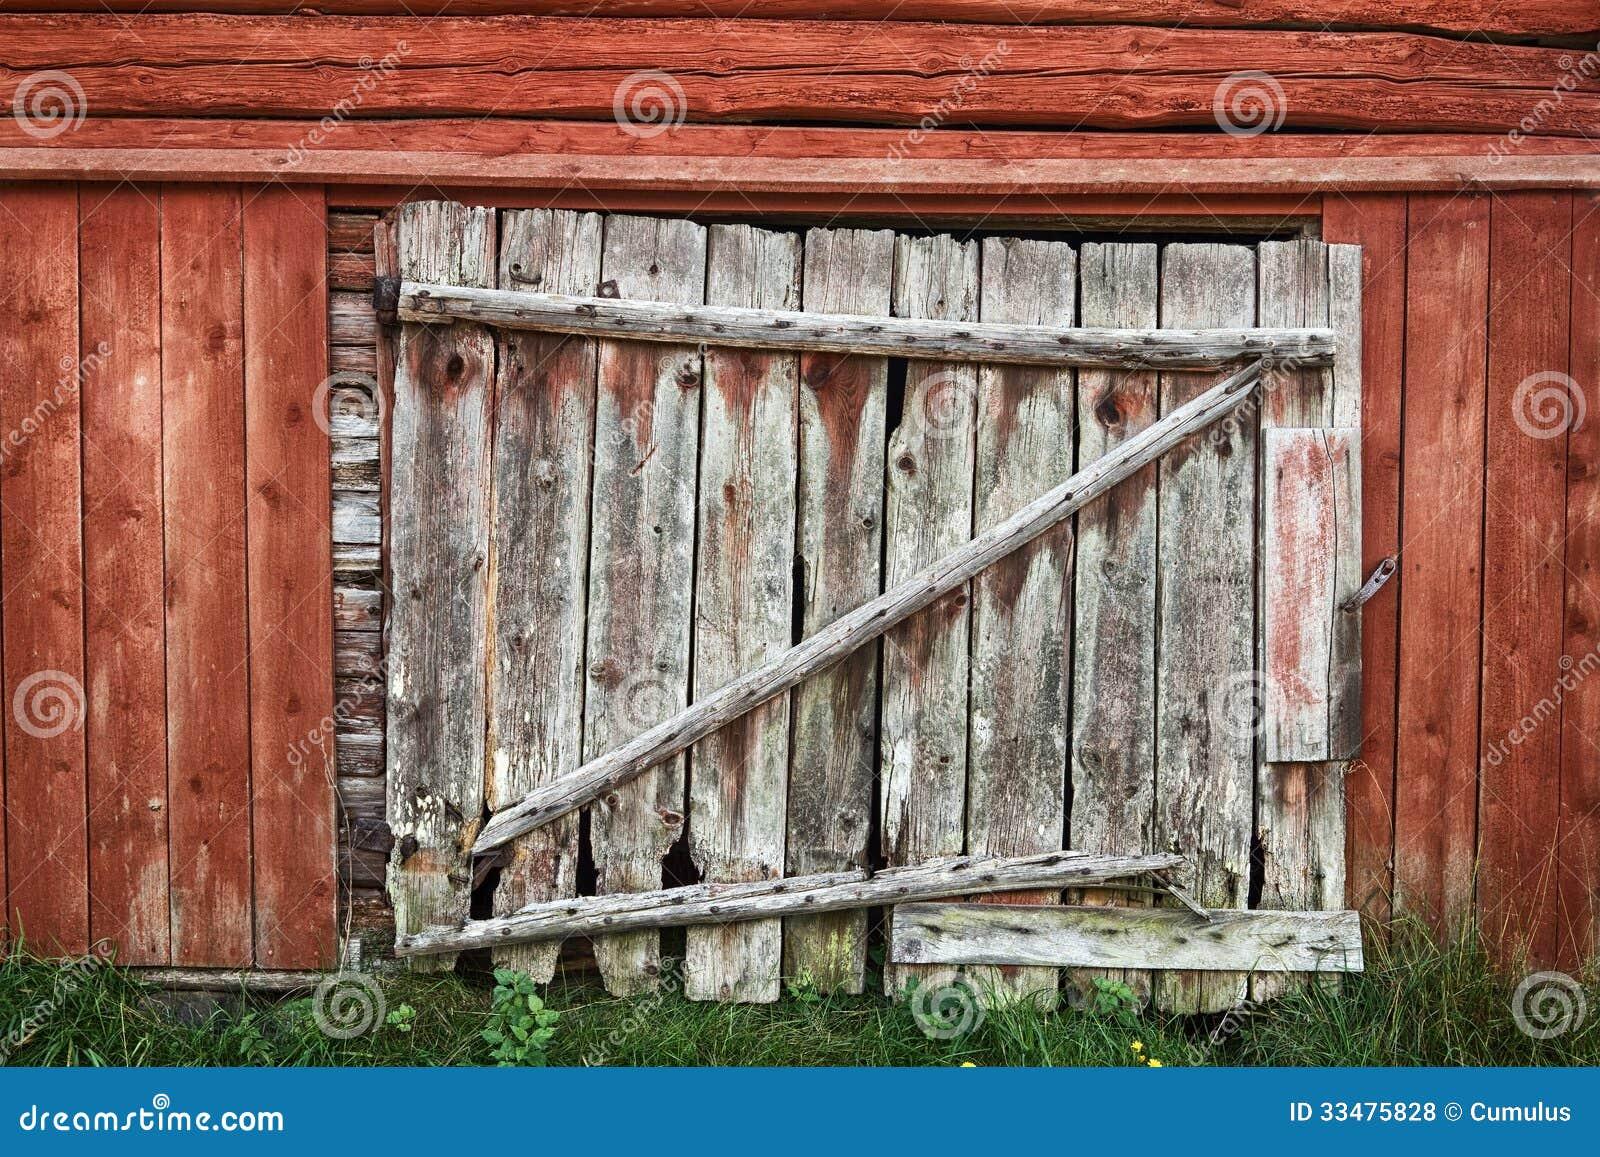 Vieille porte de grange en bois photos libres de droits image 33475828 - Vieille porte en bois ...